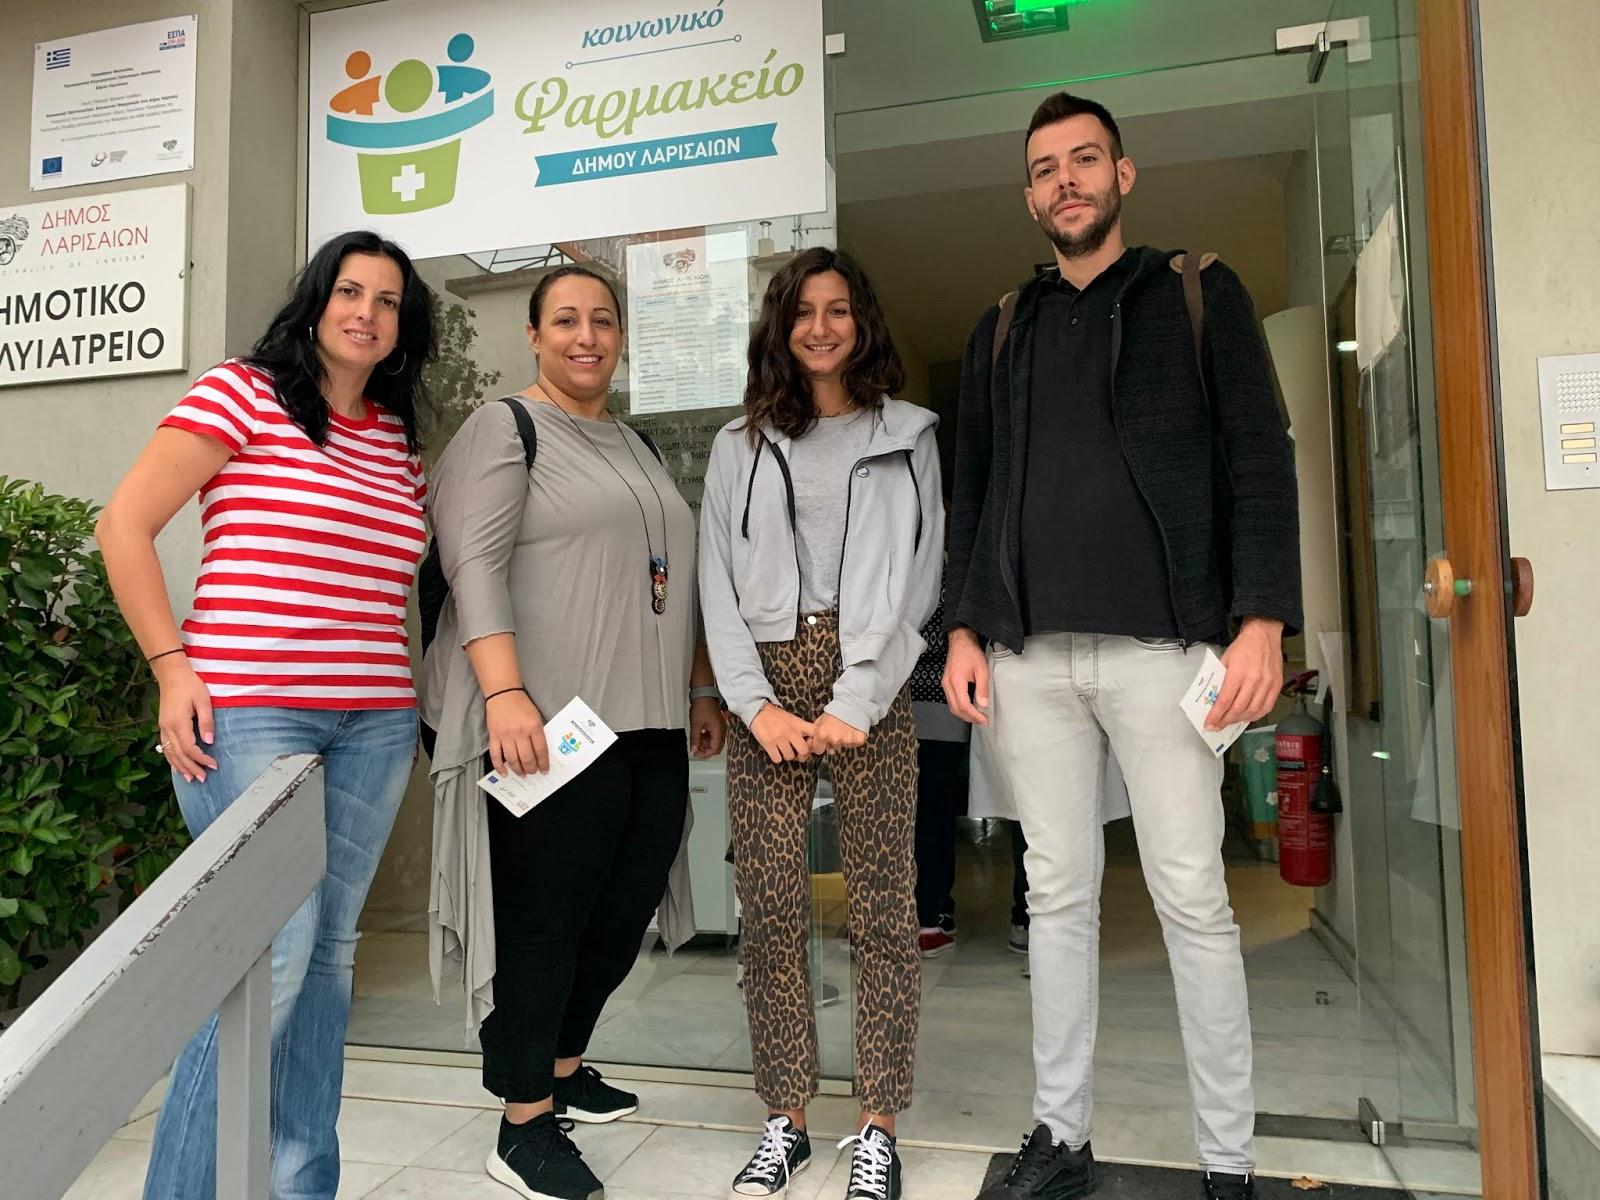 Προσφορά φαρμάκων στο Κοινωνικό Φαρμακείο Λάρισας